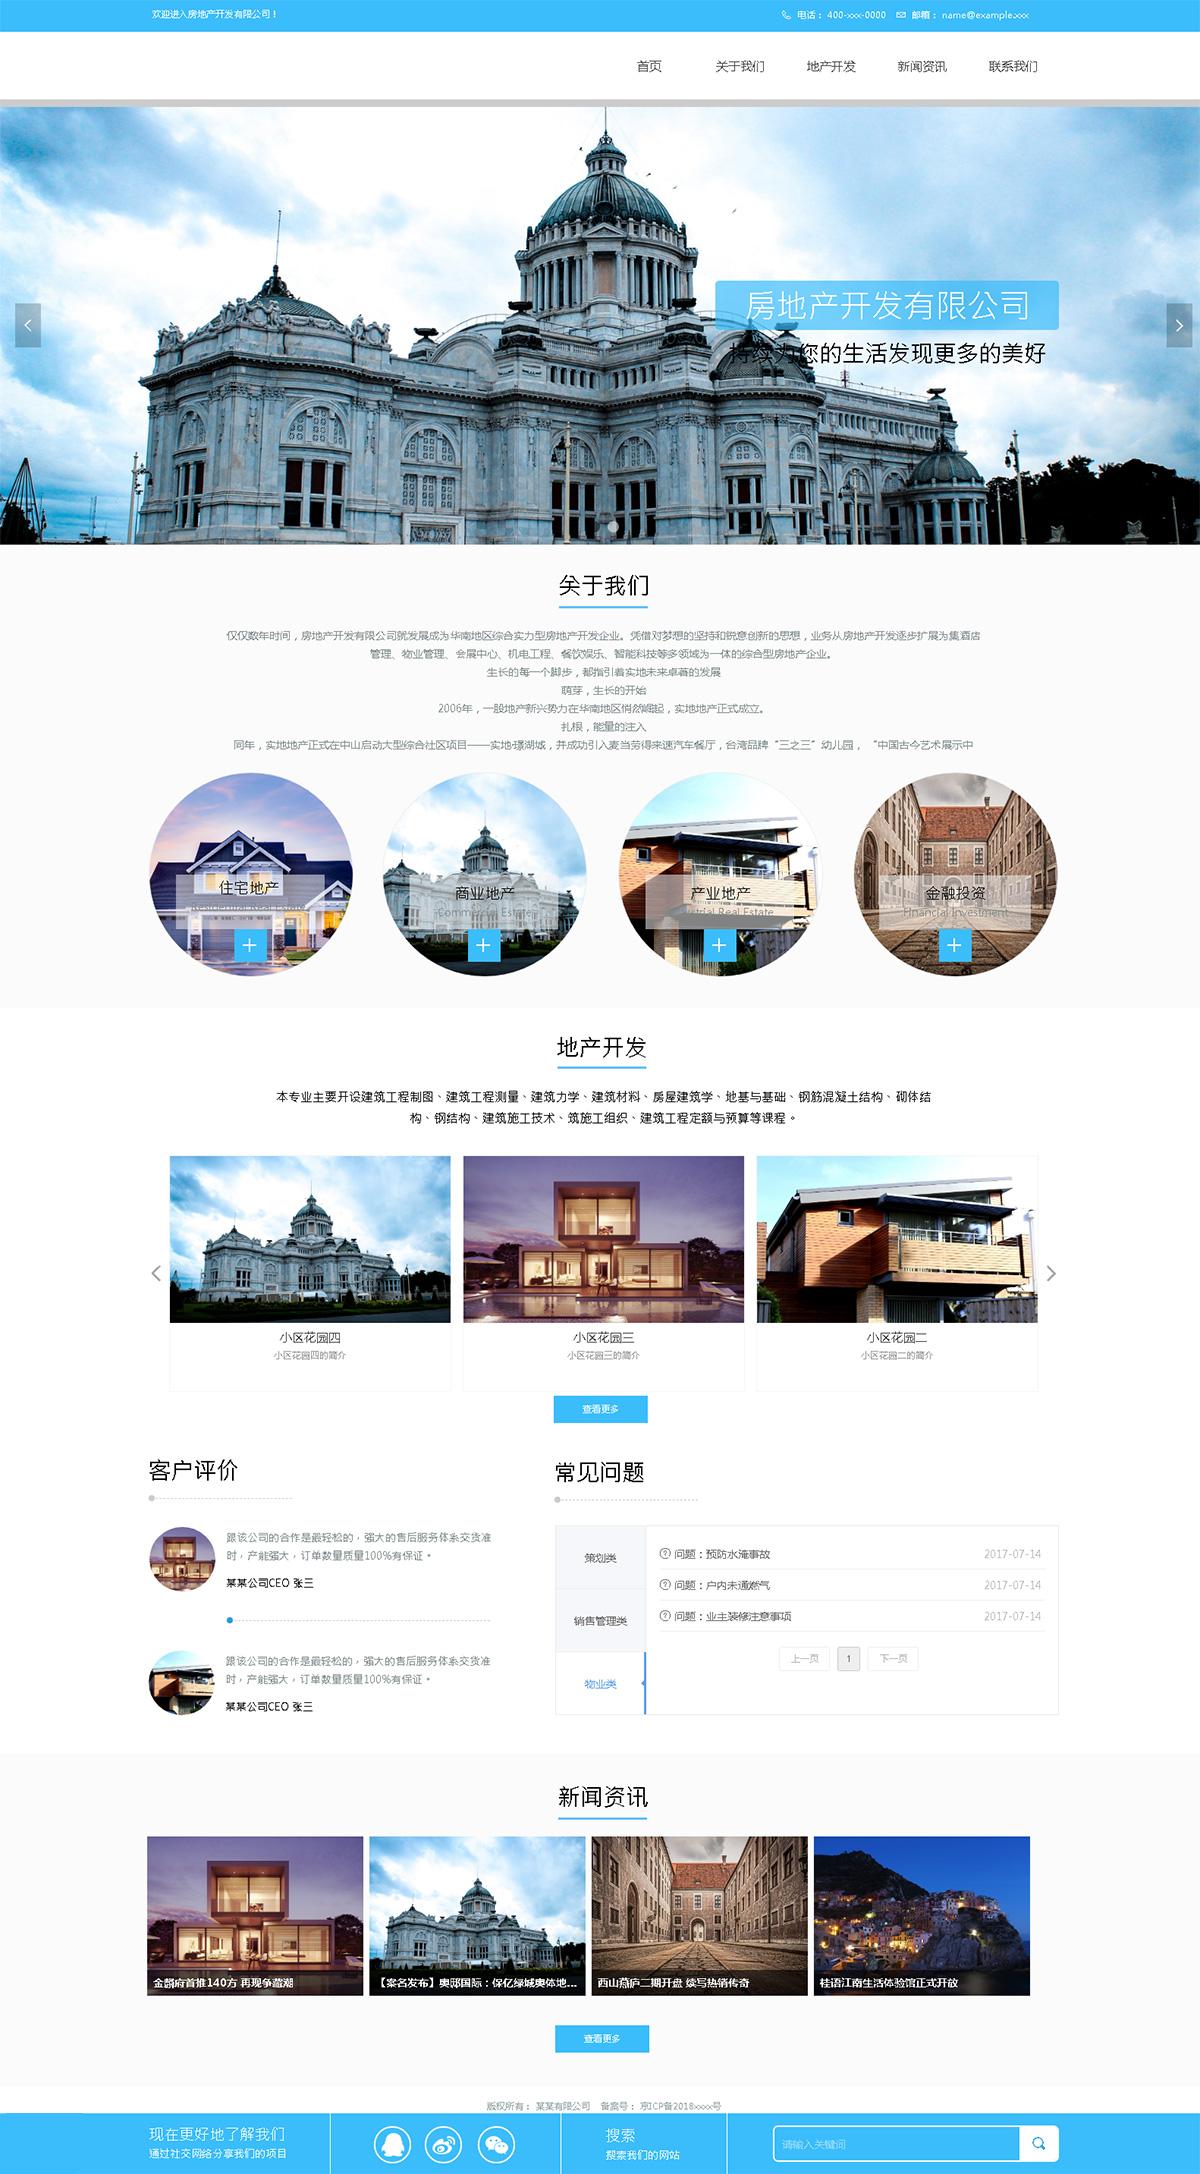 房地产公司网站UI效果图